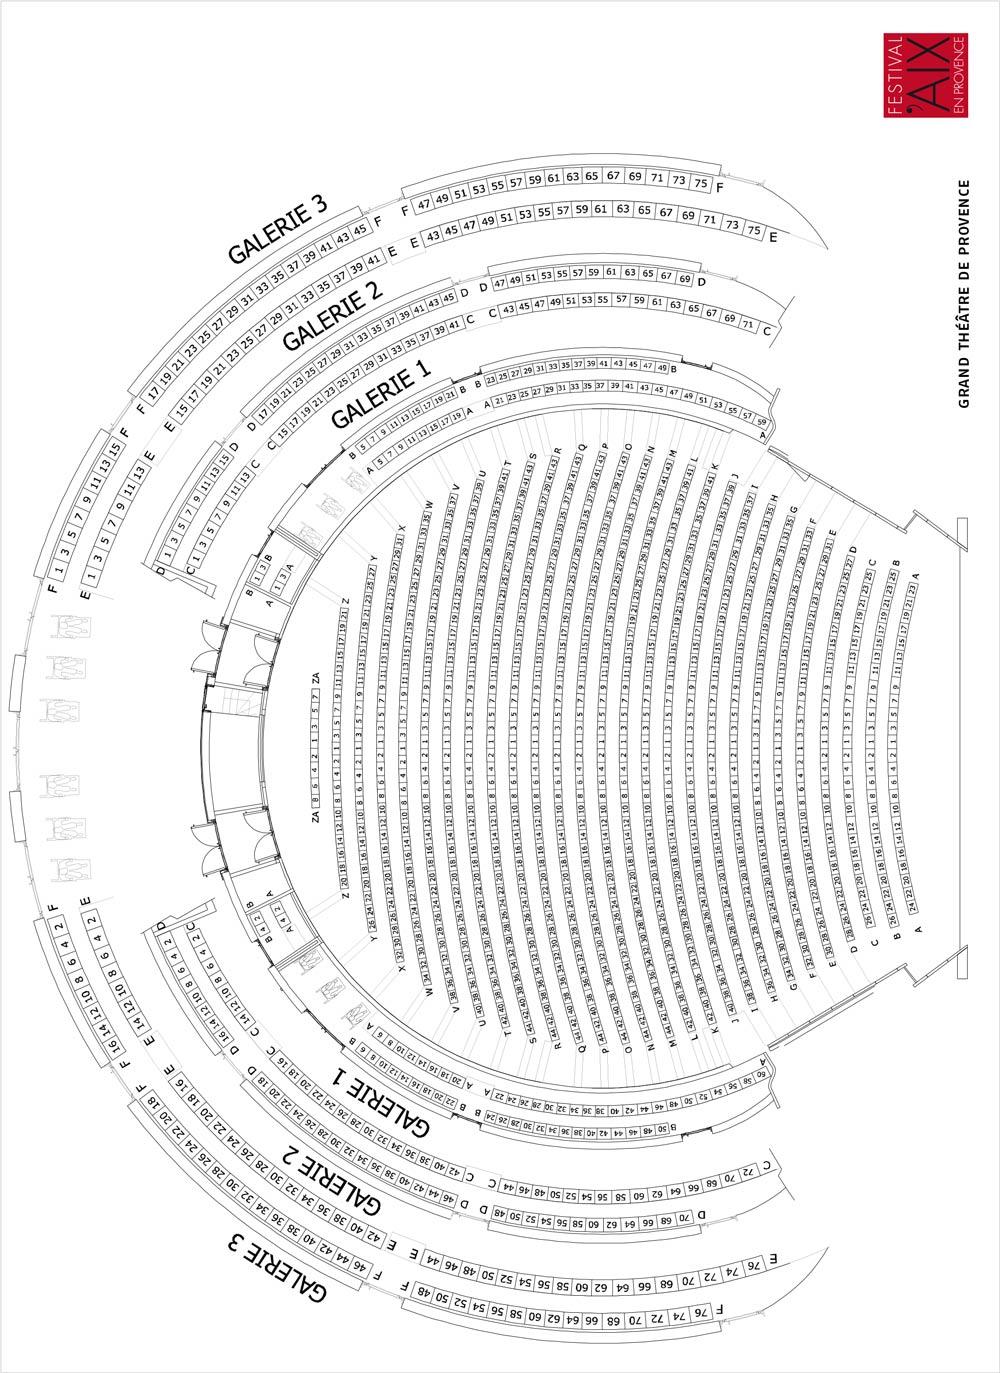 Экс-ан-Прованский оперный фестиваль. Схема Большого Провансальского театра (Grand Théâtre de Provence)